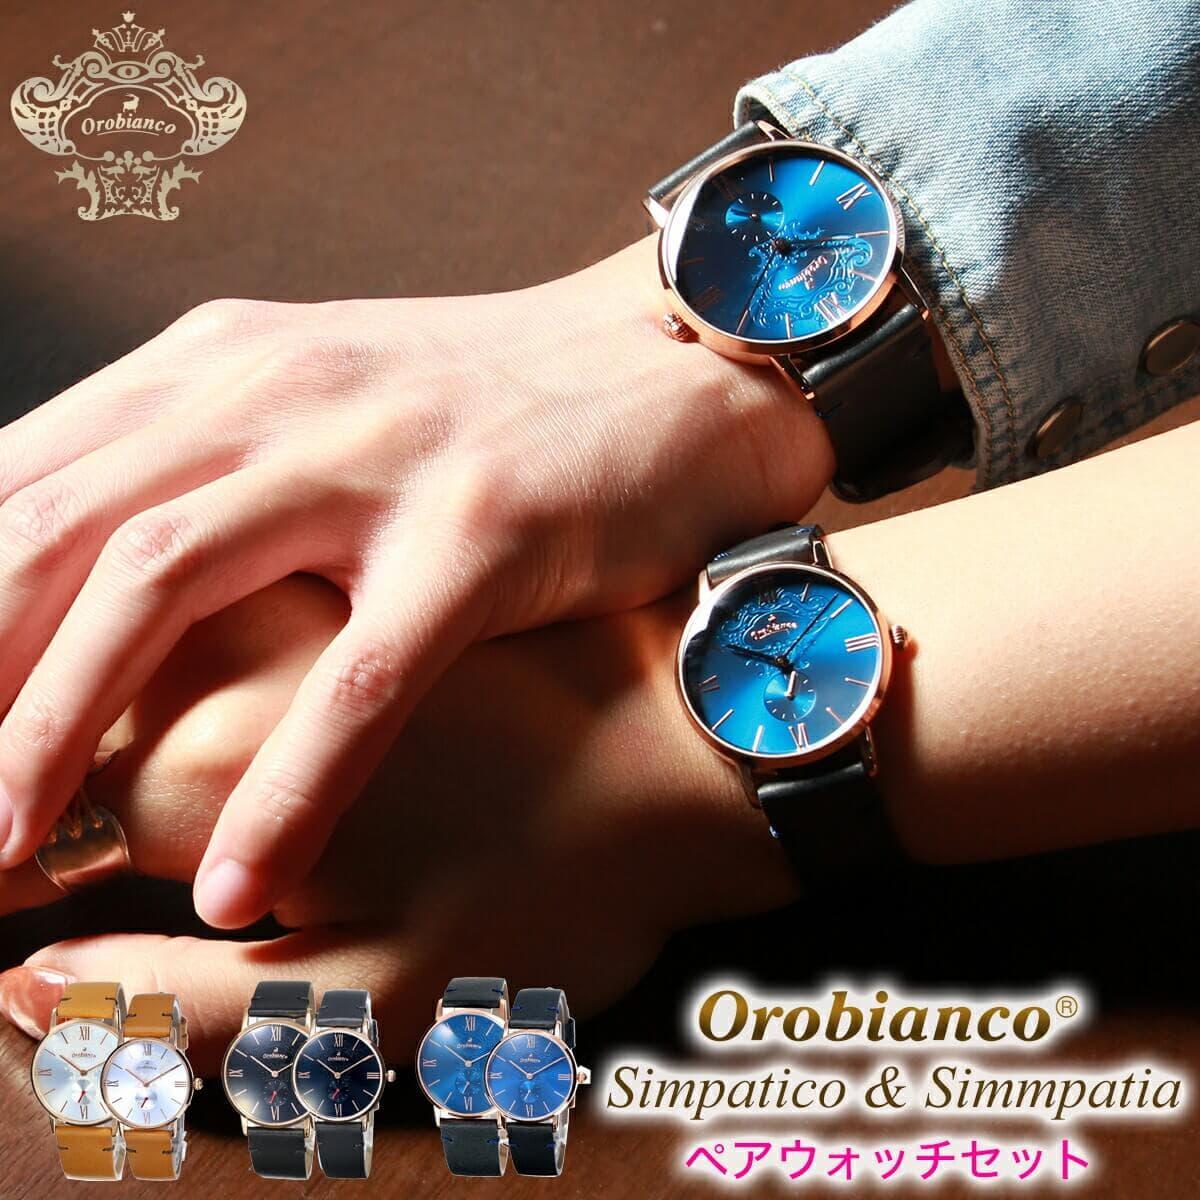 【ペアウォッチランキング1位獲得】オロビアンコ シンパティコ シンパティア 時計 Orobianco SIMPATICO SIMMPATIA 腕時計 メンズ レディース 人気 おすすめ ブランド レザー 革 シンプル シック イタリア お揃…